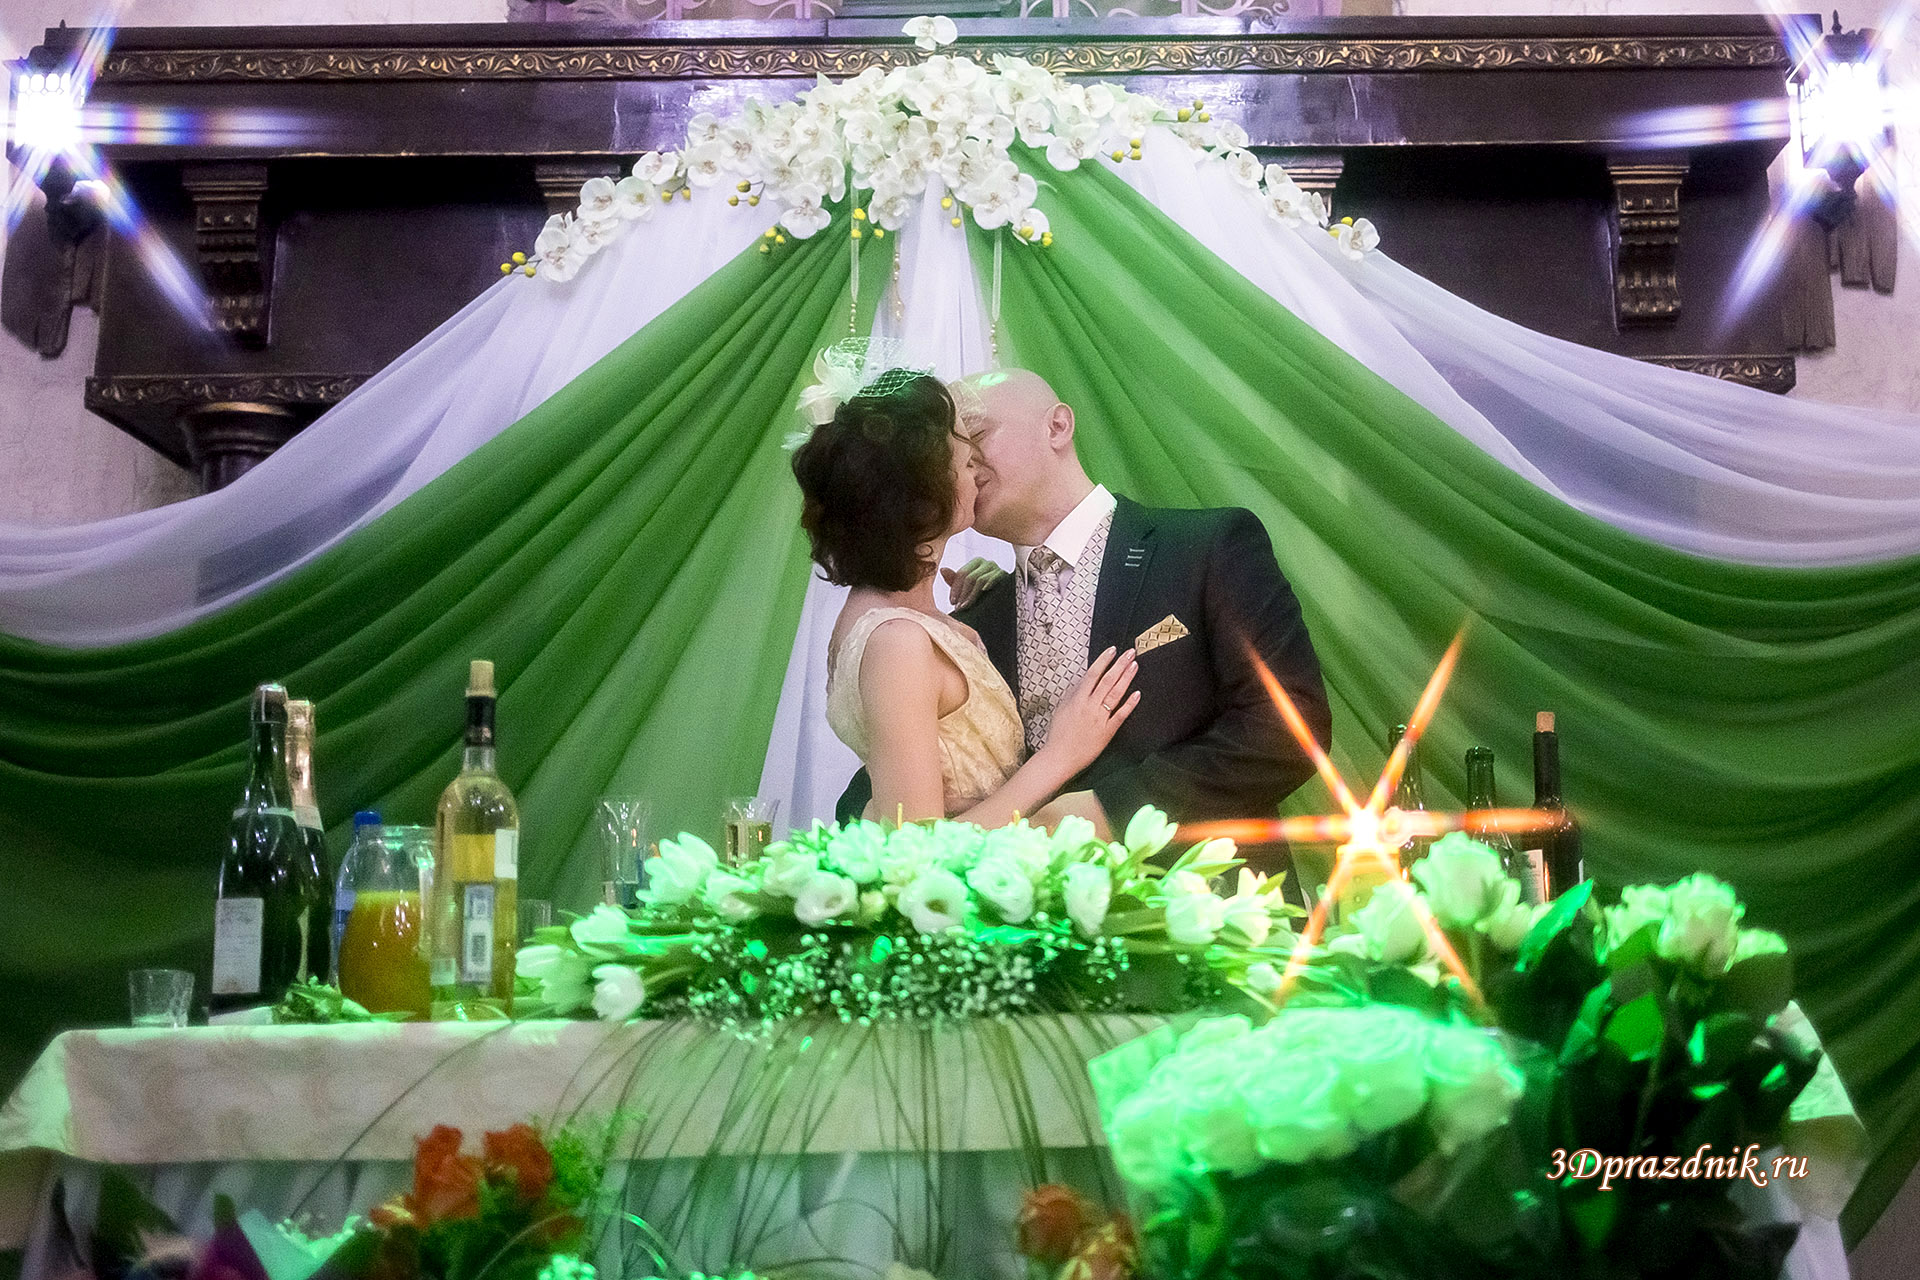 Свадебный банкет. Поцелуй.